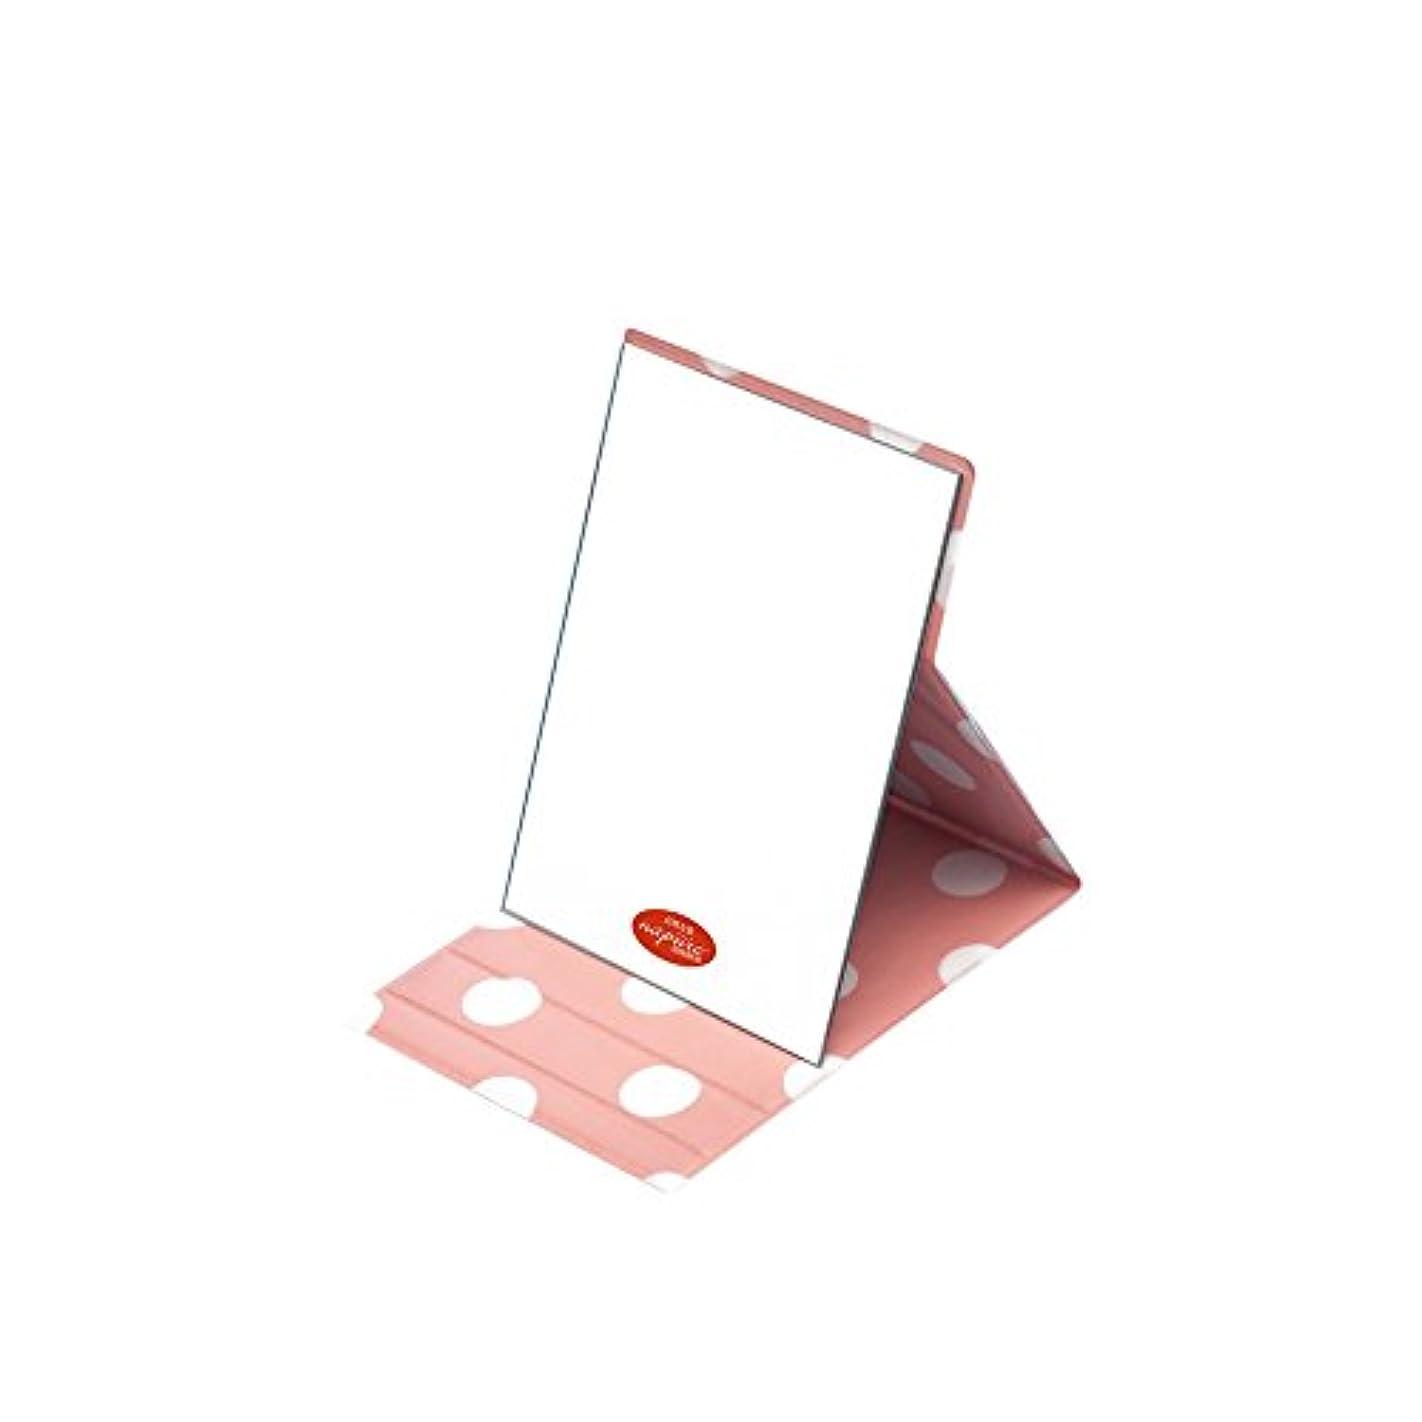 不振怒り顎プロモデル折立ナピュアミラー水玉